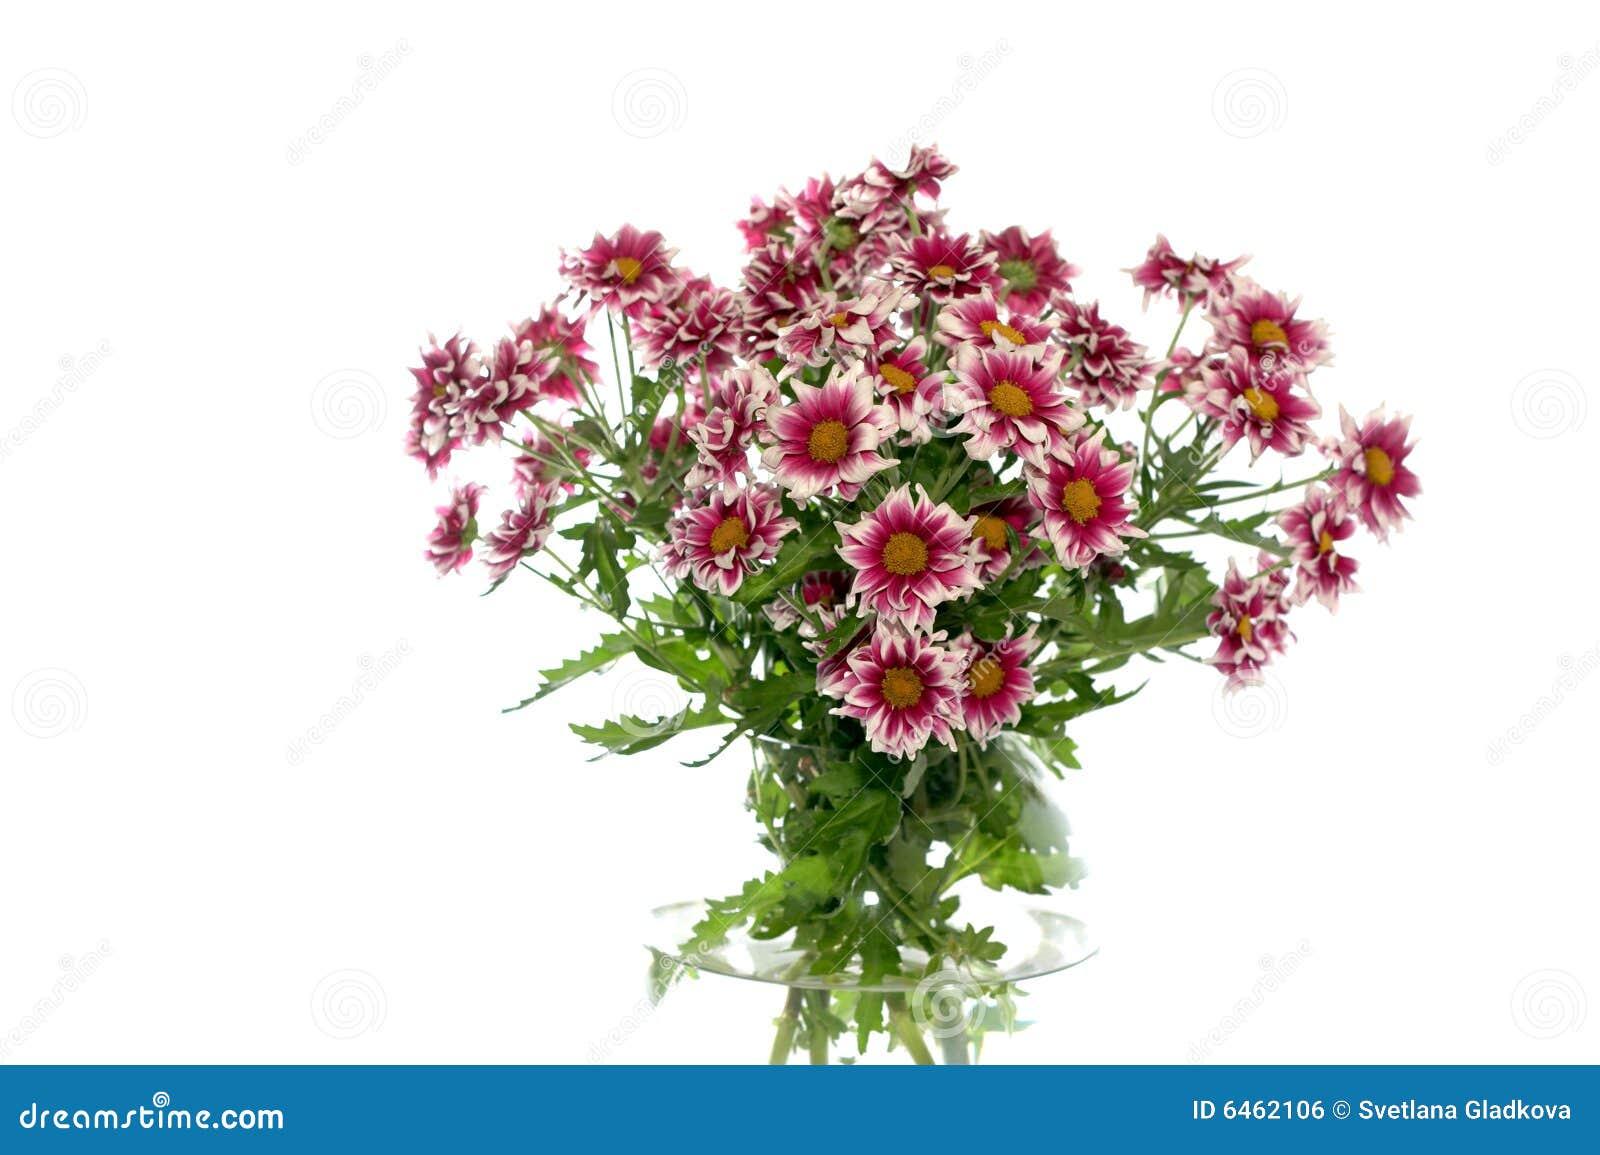 Tło białe kwiaty wazy